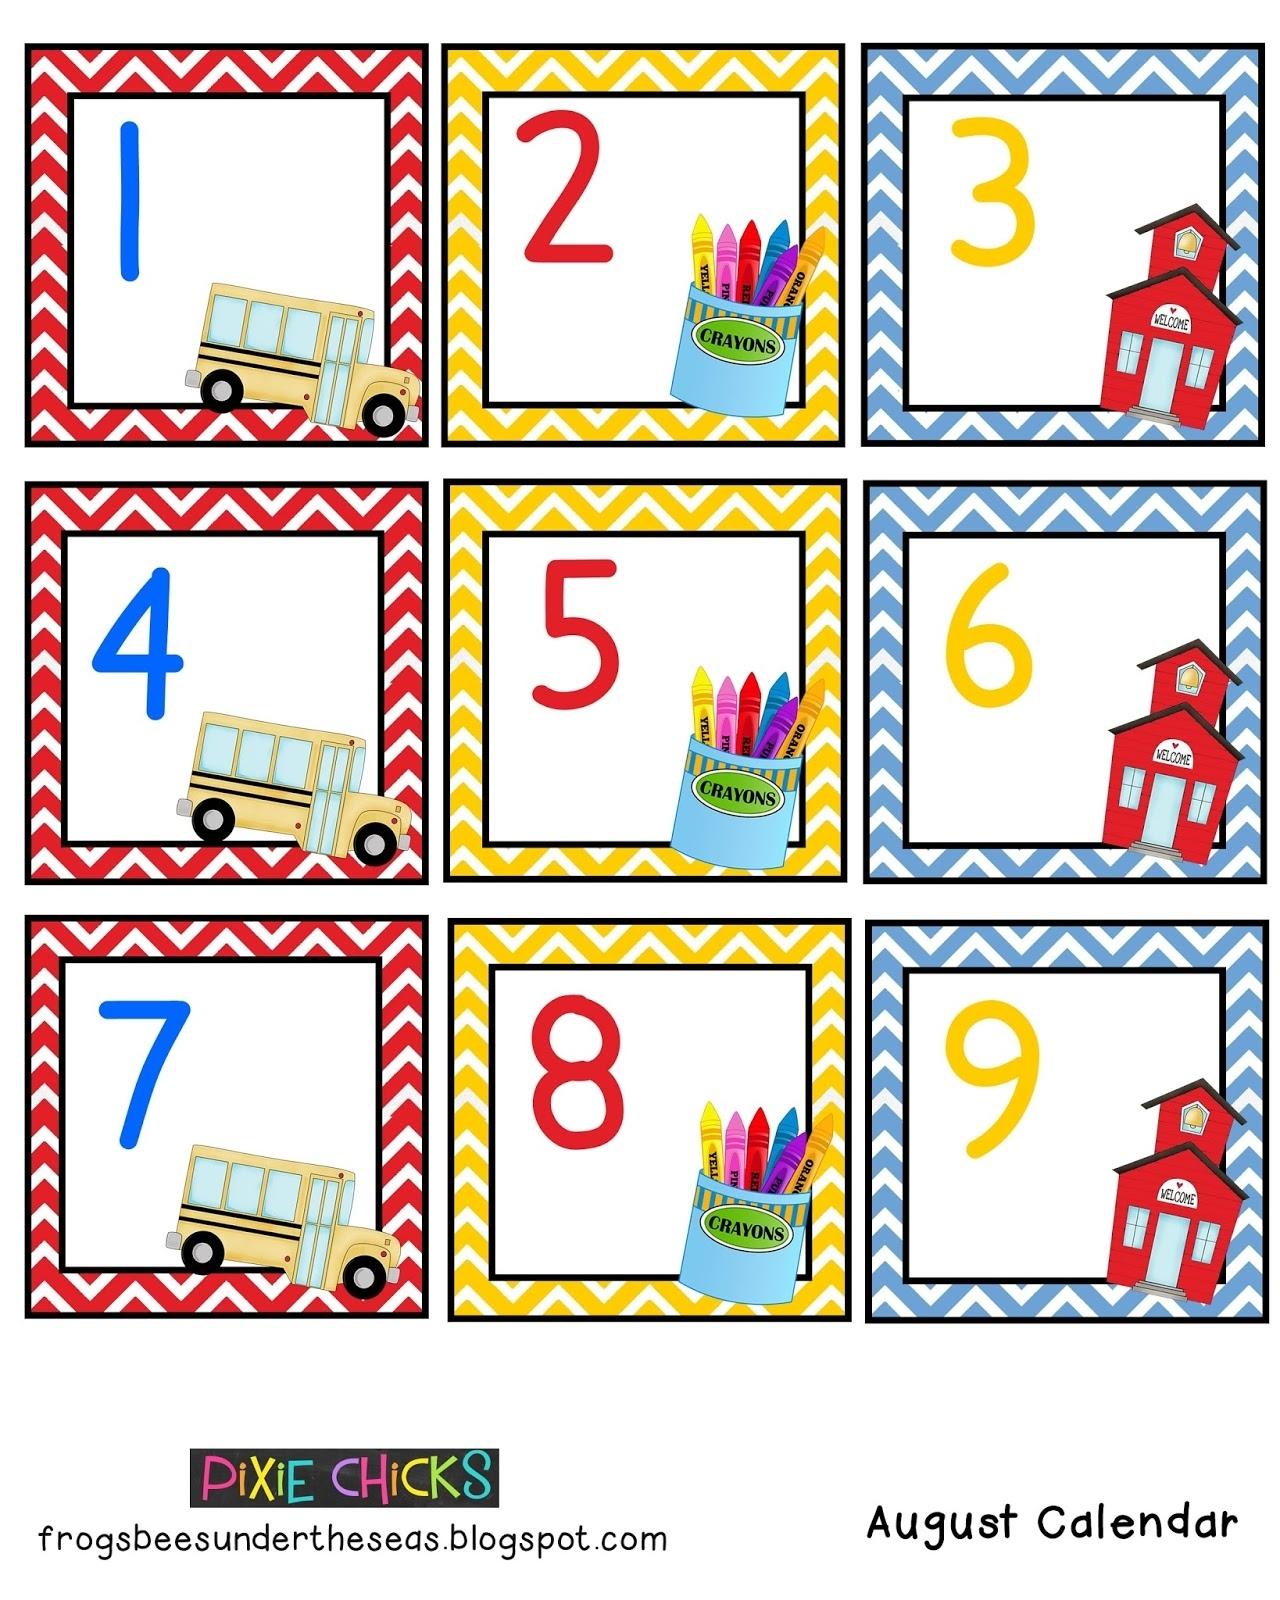 Pixie Chicks: August Calendar Set